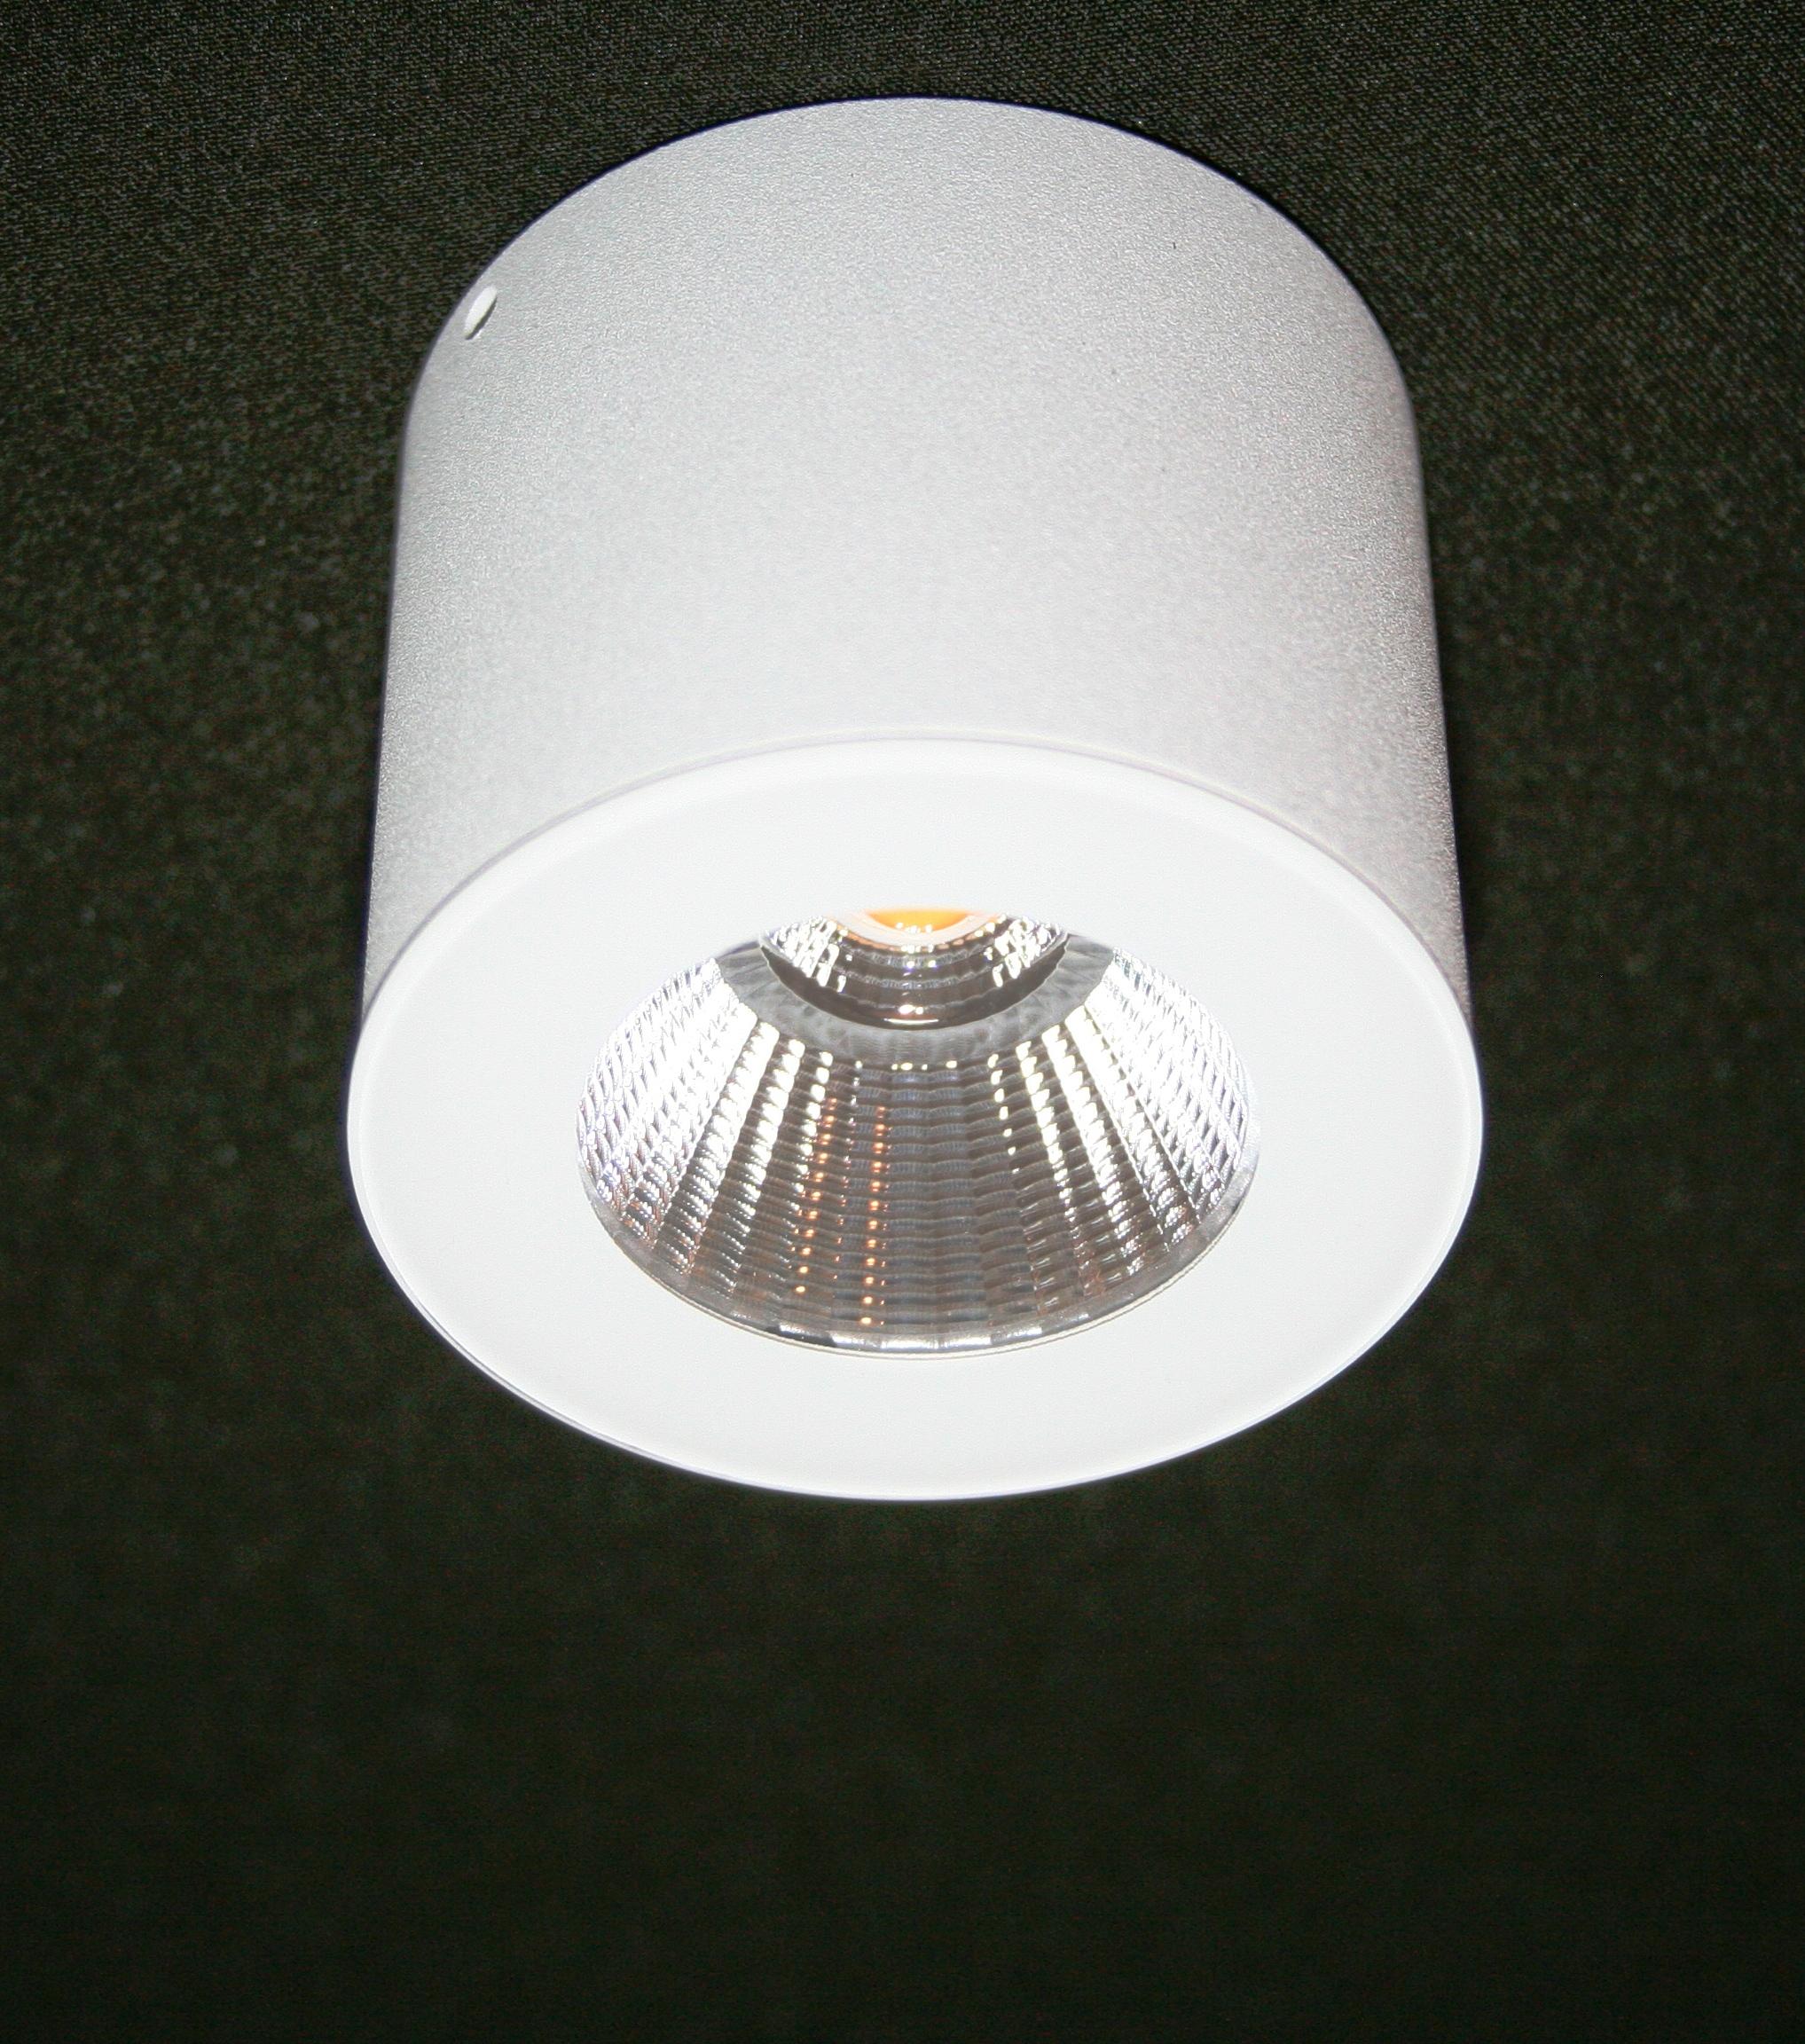 LED-Deckenleuchten von Helestra Leuchten OSO LED- Deckenleuchte 15/1553.07